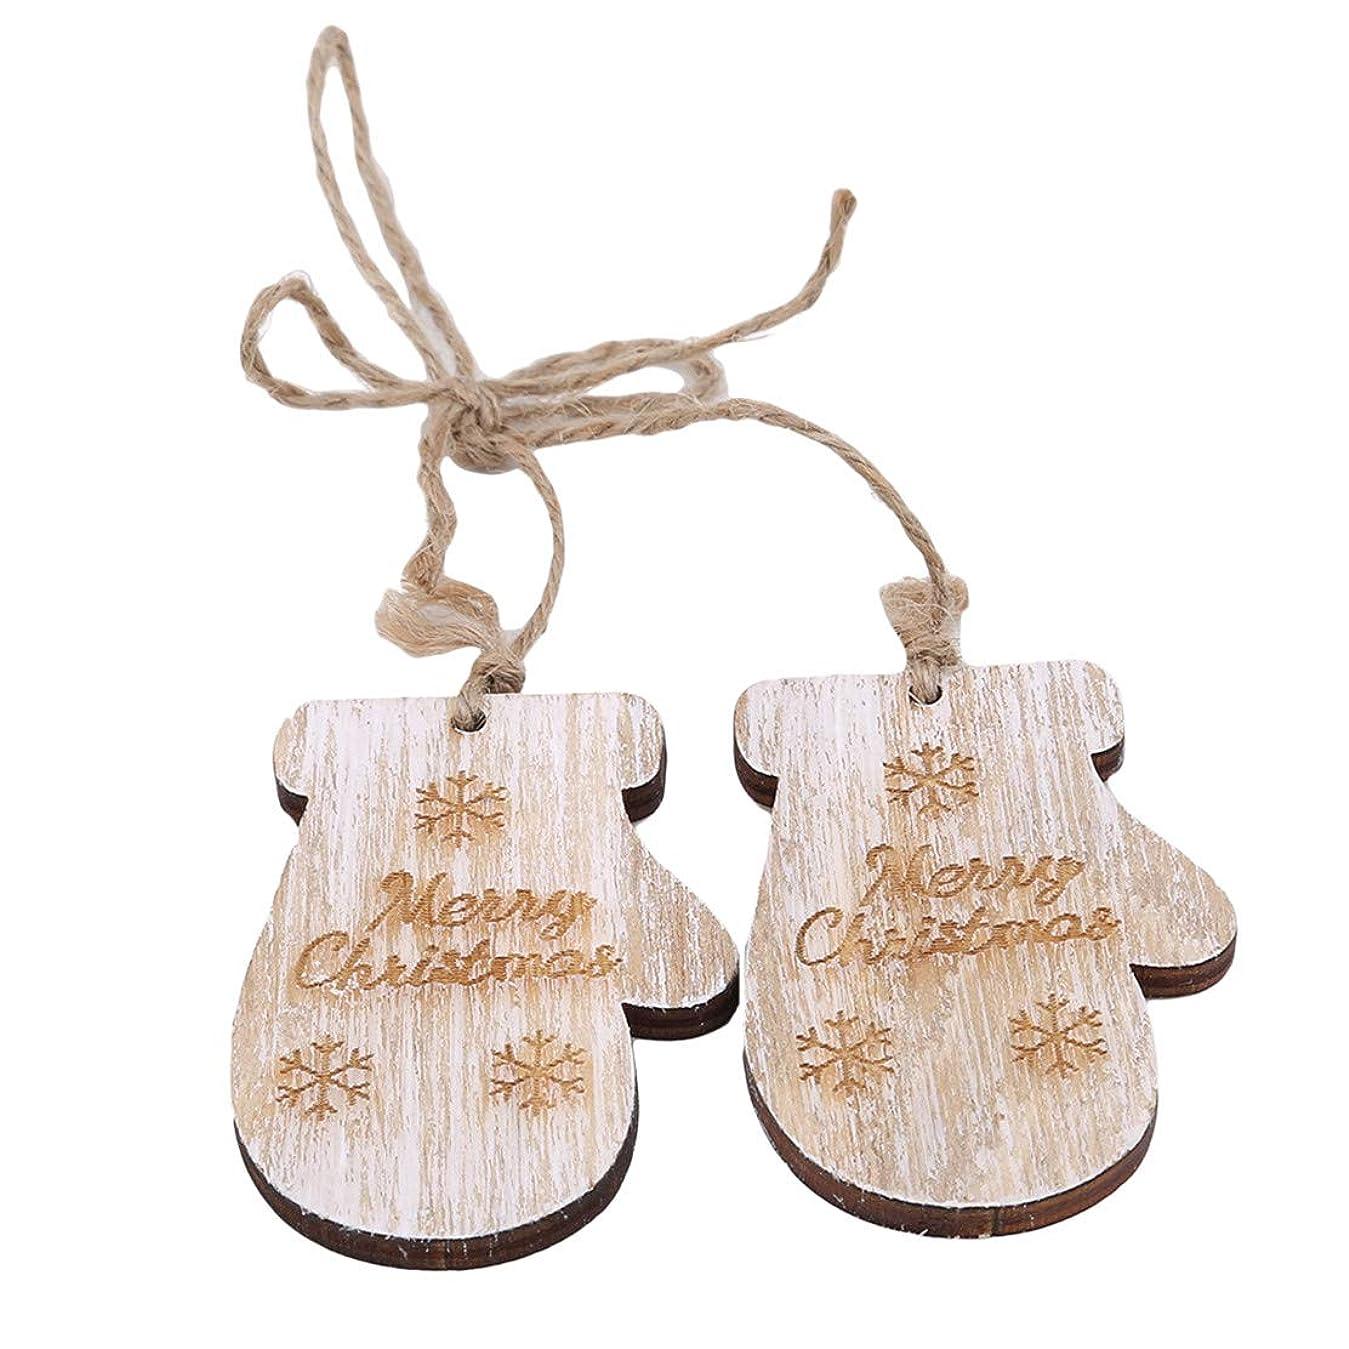 外部受け入れるわかりやすいKXYSLY 木製スキーブーツヘッドハンギングサイン クリスマスツリー木製オーナメントDIYクラフト 素敵なクリスマス吊り飾り クリスマス新年の家の装飾 (グローブ)